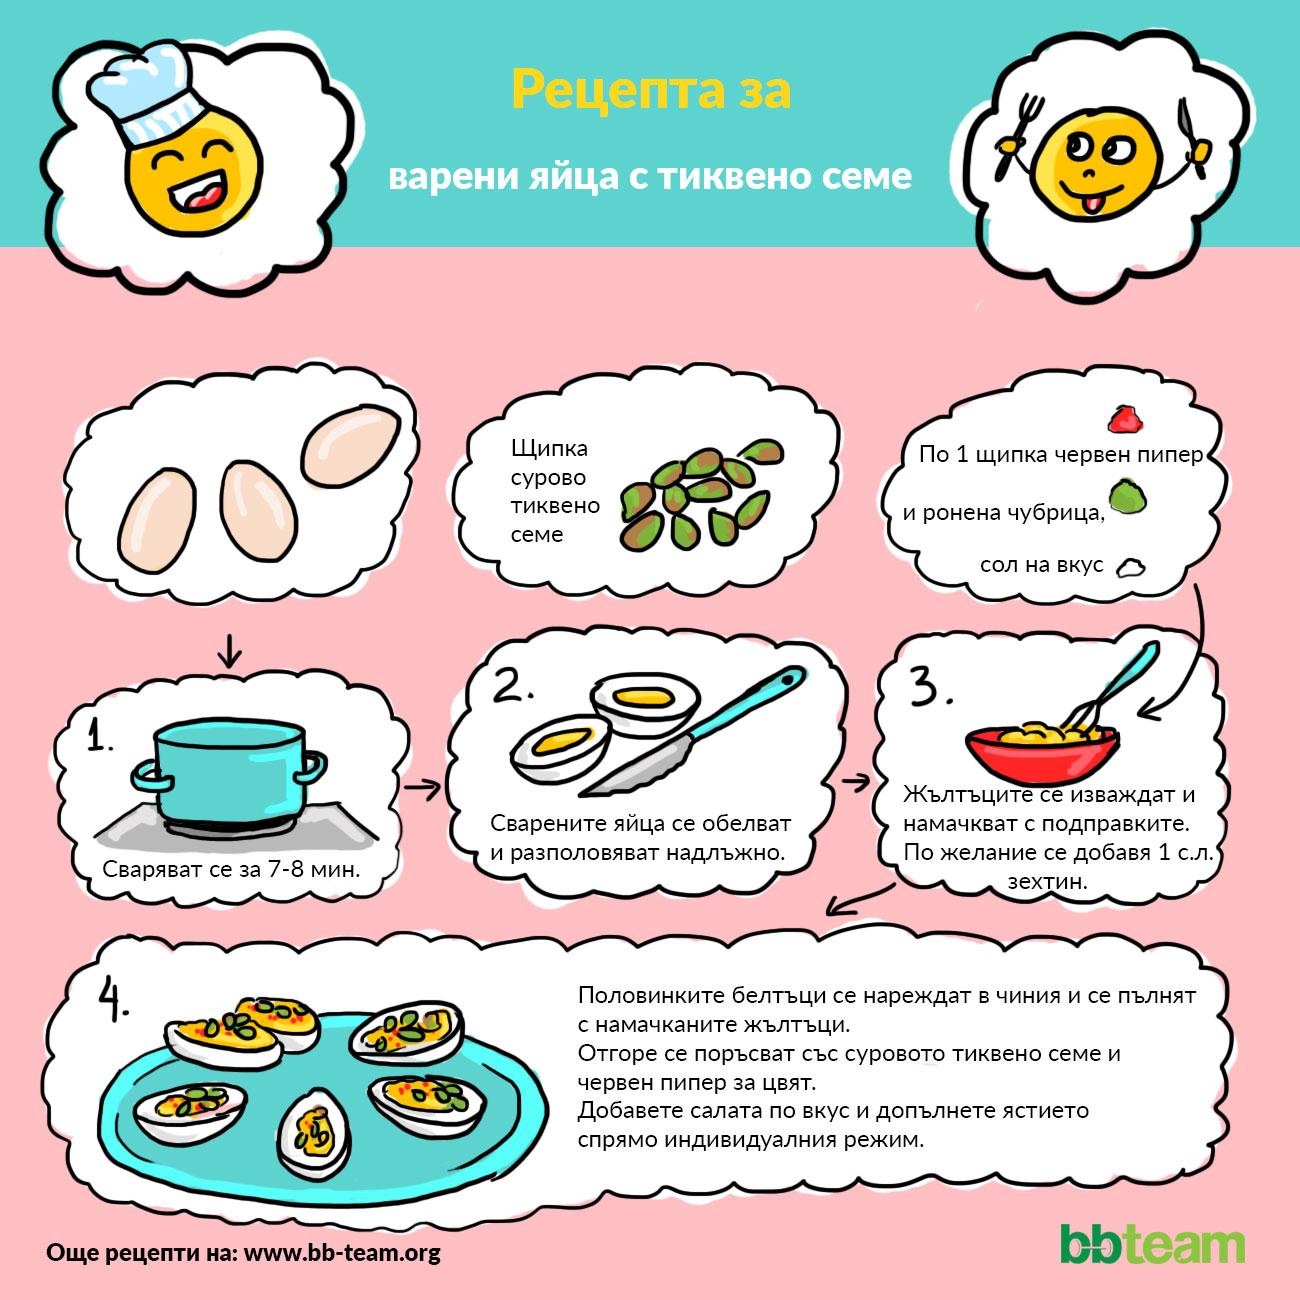 Рецепта за варени яйца с тиквено семе [инфографика]